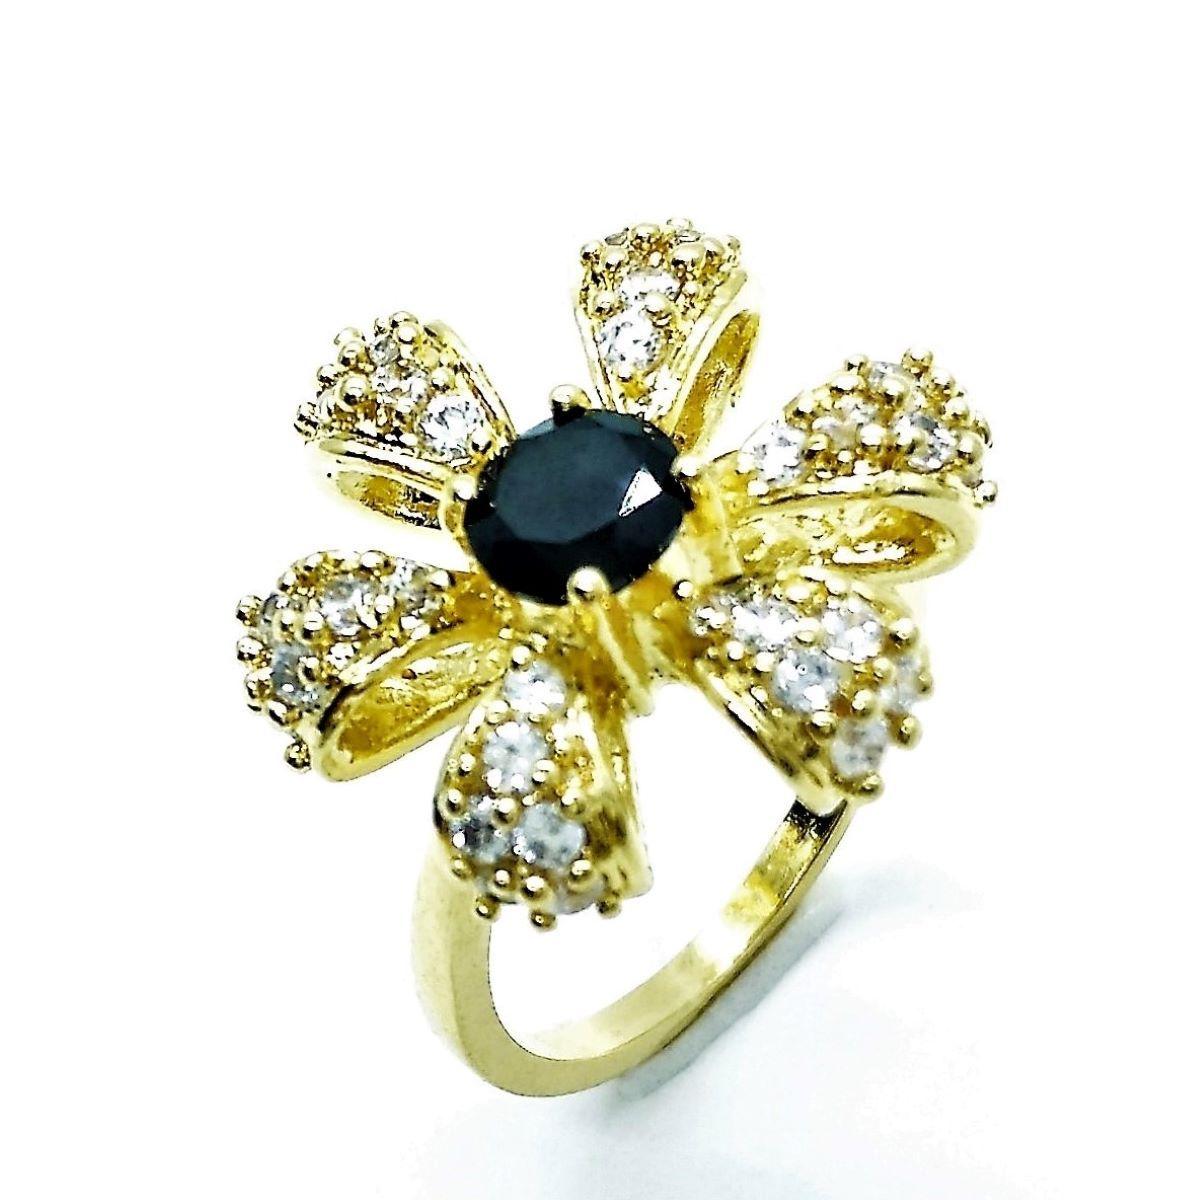 Anel Flor Cristal Preto Ônix E Cravejado De Zirconias Banho De Ouro 18k 1900